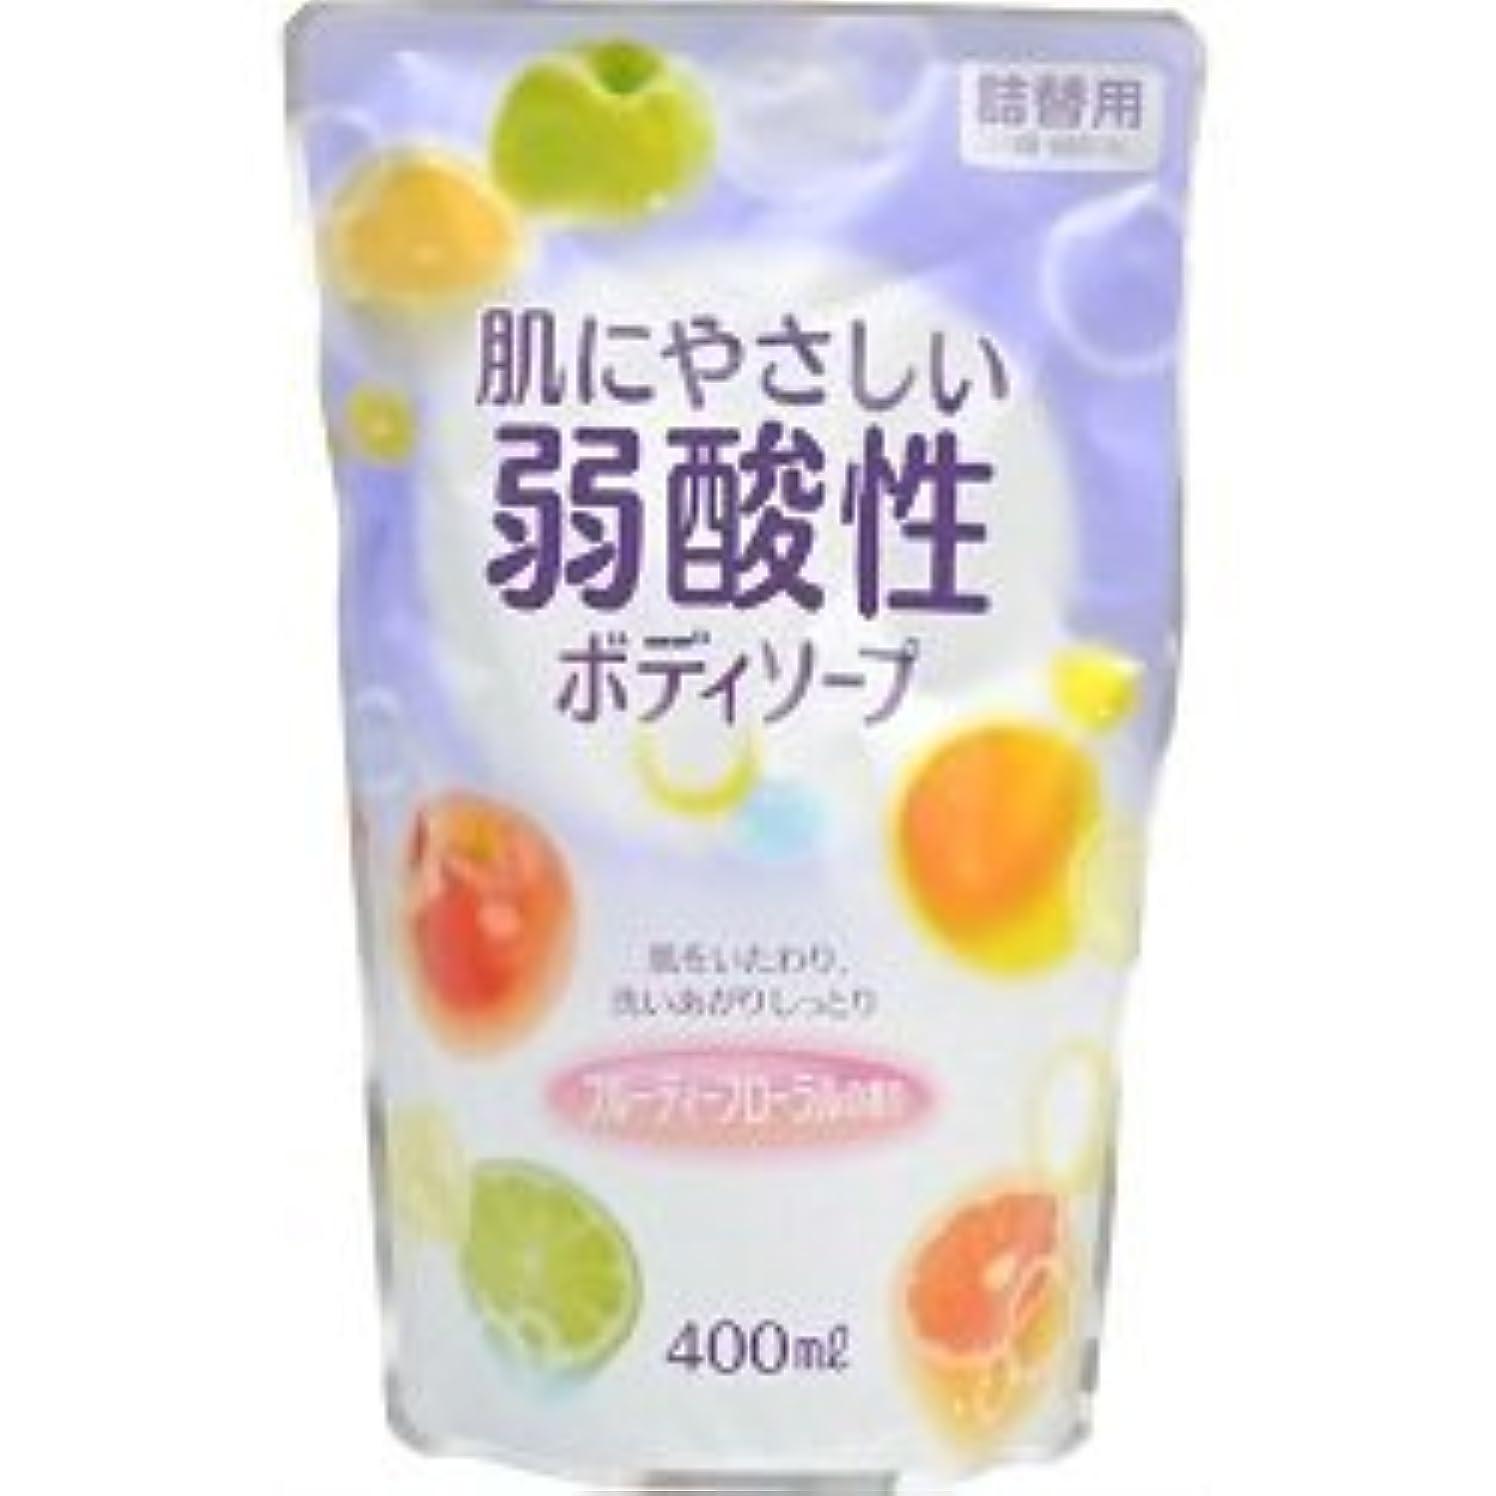 コーン感度透ける【エオリア】弱酸性ボディソープ フルーティフローラルの香り 詰替用 400ml ×10個セット